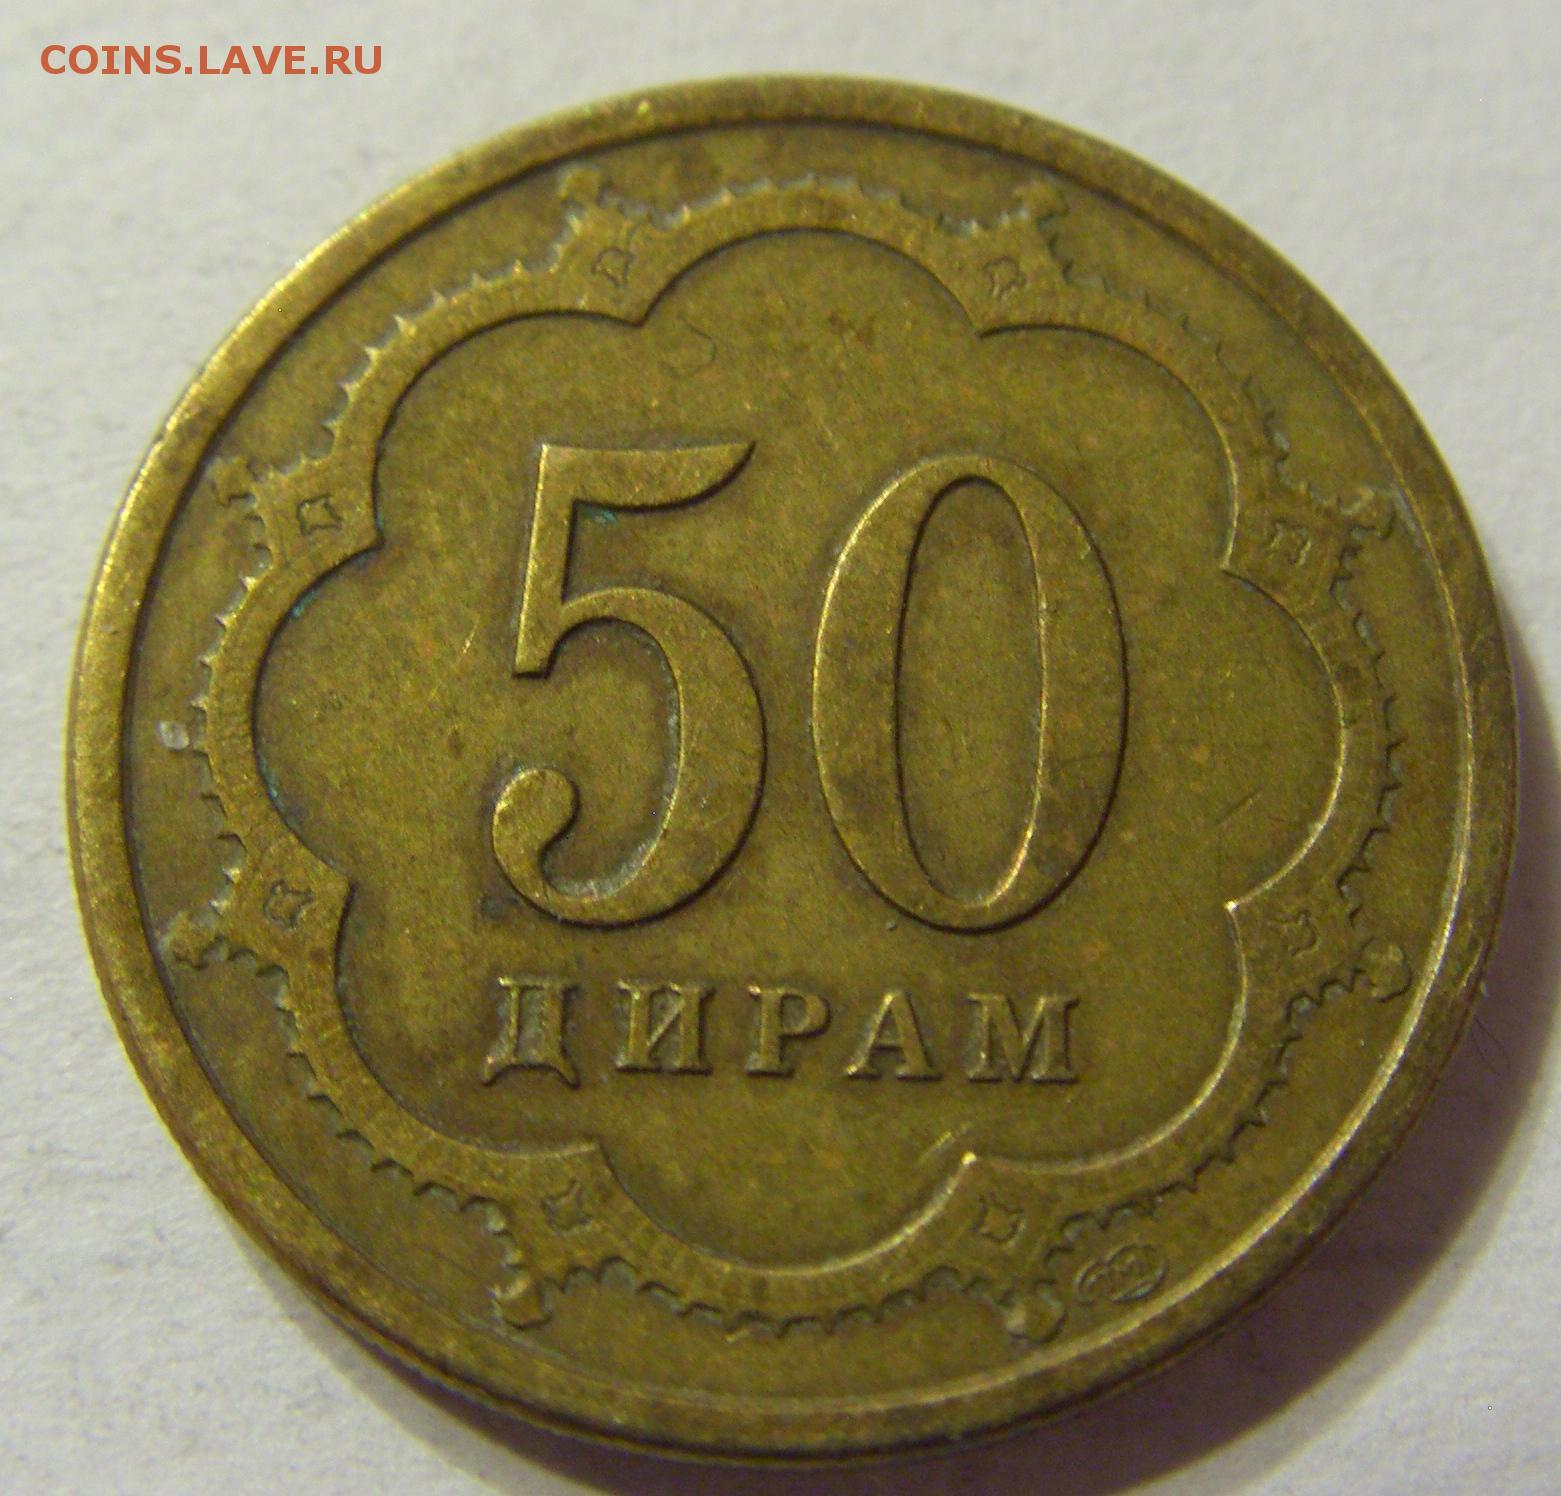 10 дирам 2001 года цена 5 копеек 1943 года разновидности